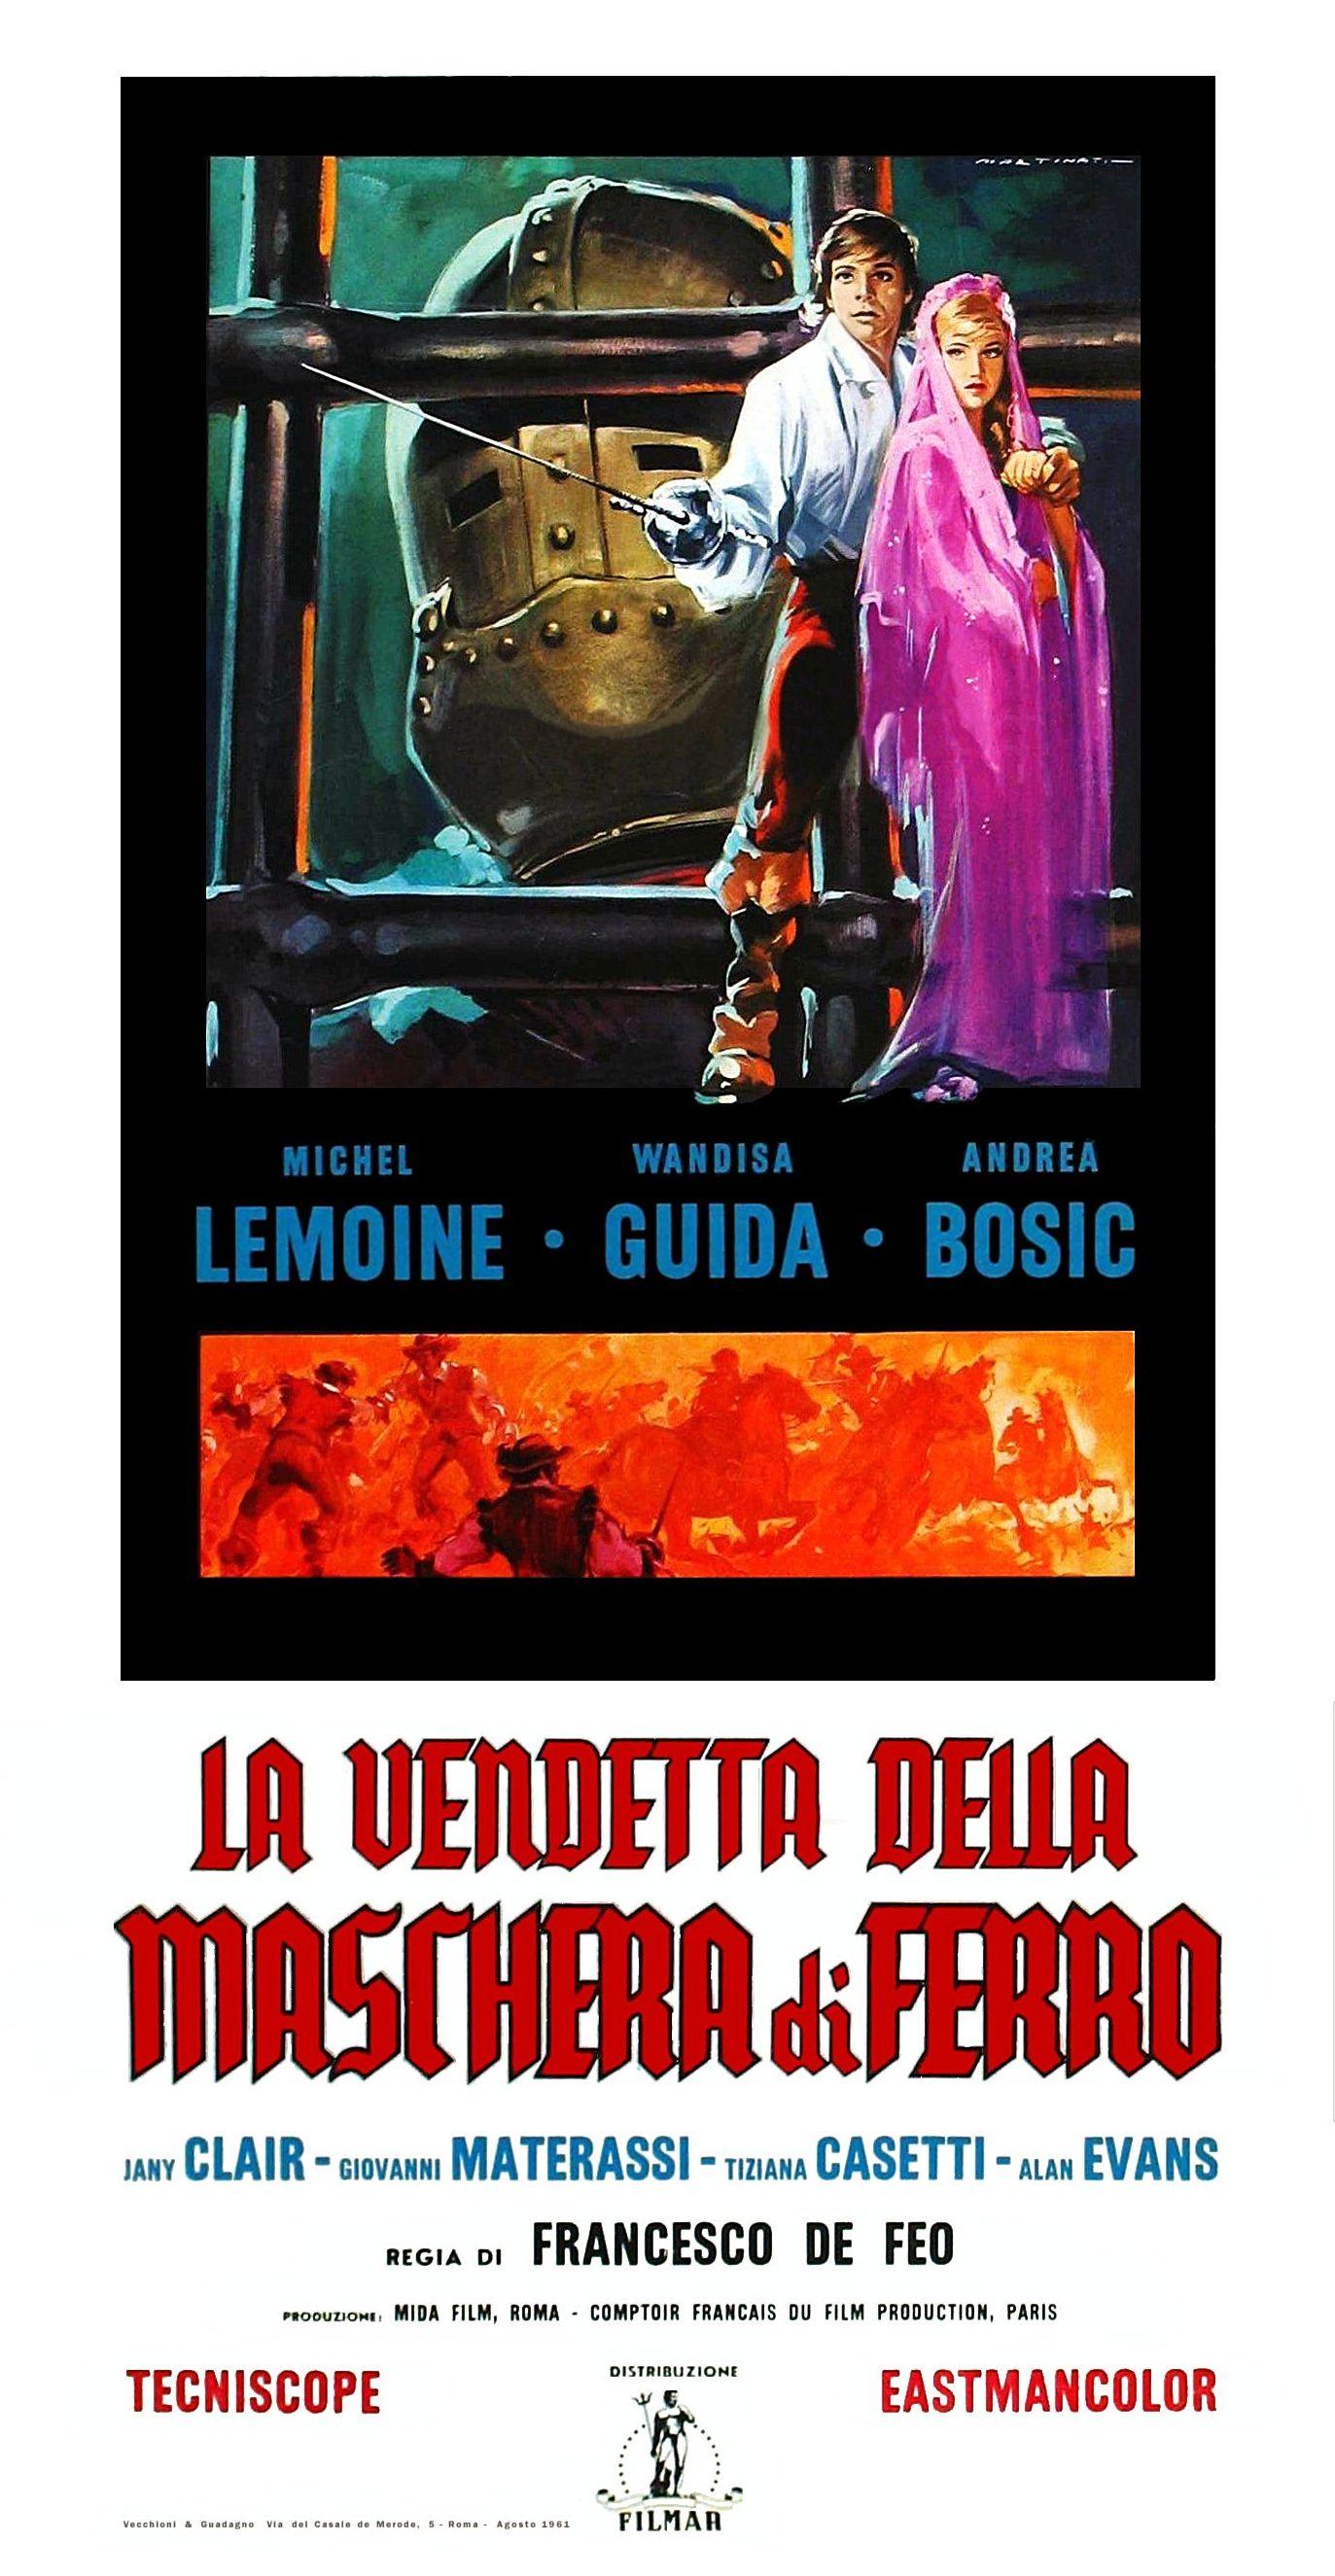 La vendetta della maschera di ferro (1961)